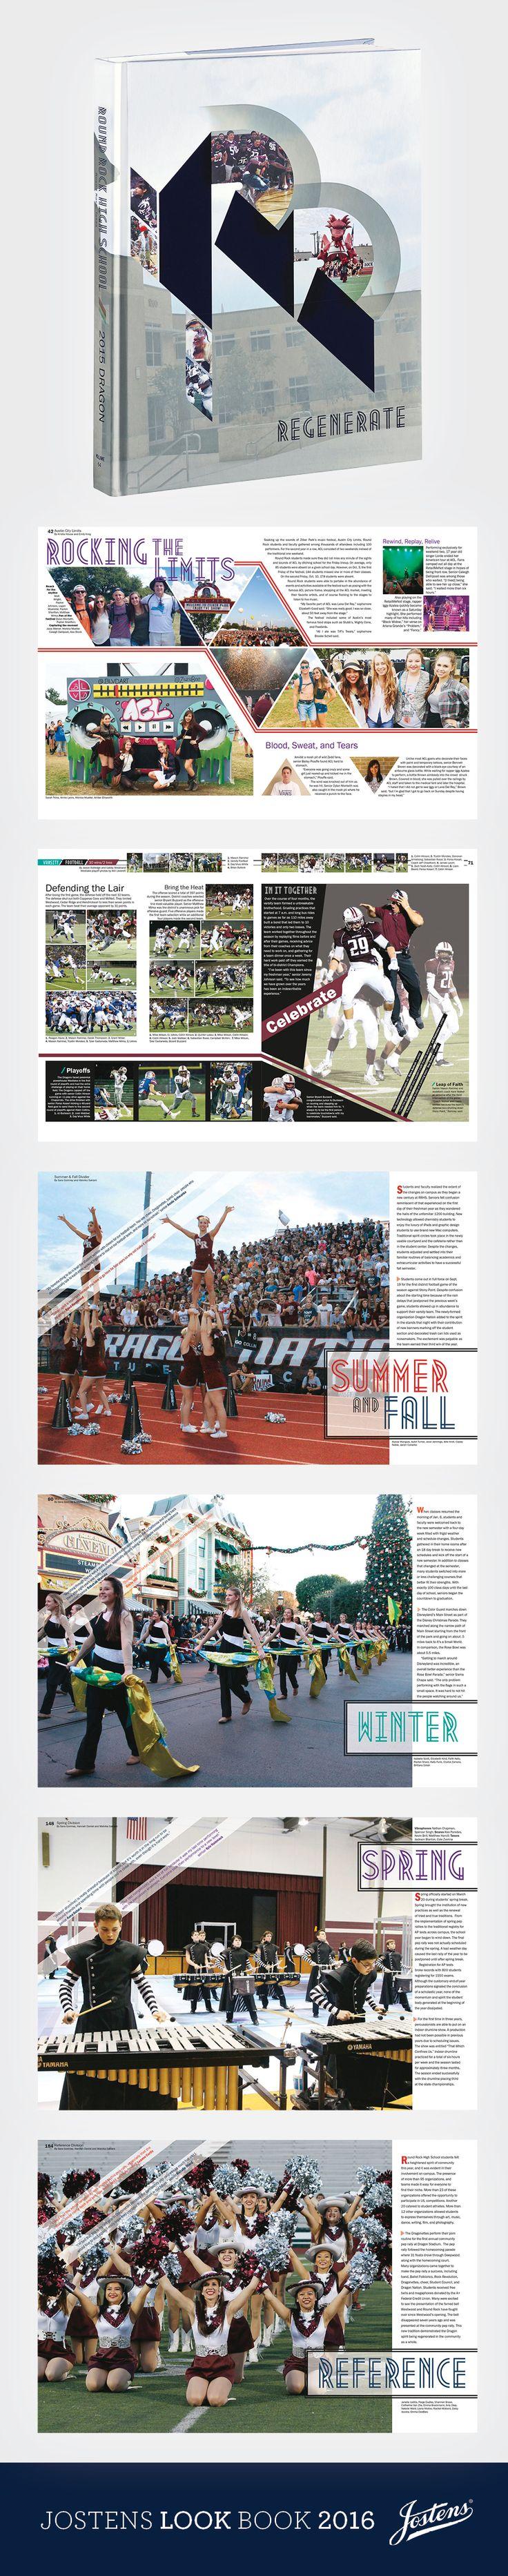 // DRAGON, Round Rock High School, Round Rock [TX] #Jostens #LookBook2016…